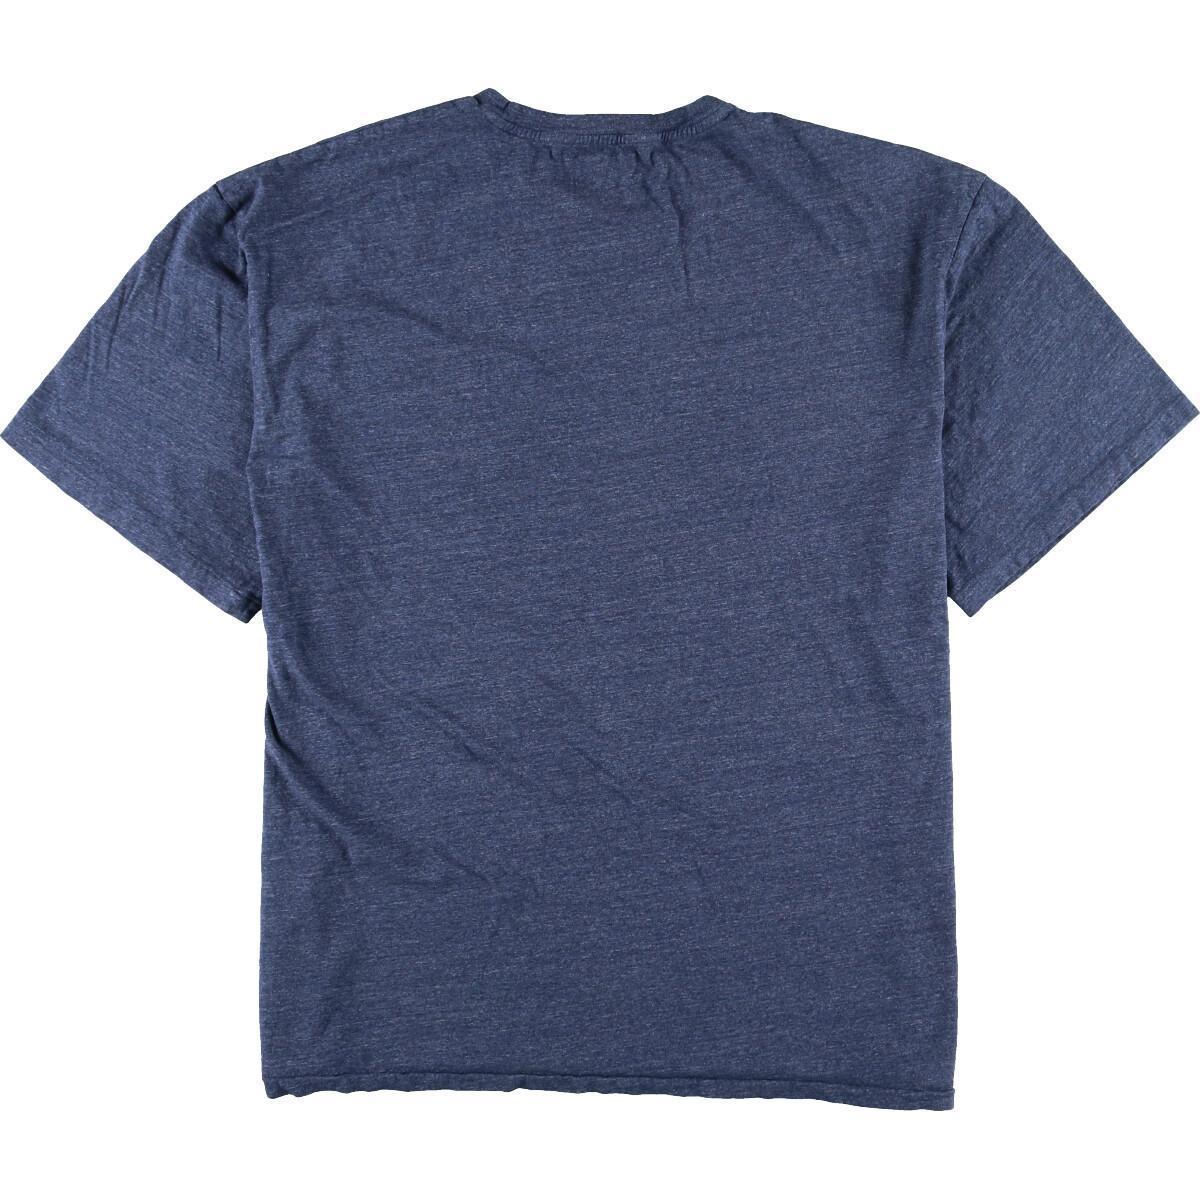 ラルフローレン Ralph Lauren POLO RALPH LAUREN 半袖 ワンポイントロゴポケットTシャツ メンズ4XL /eaa164848_画像2